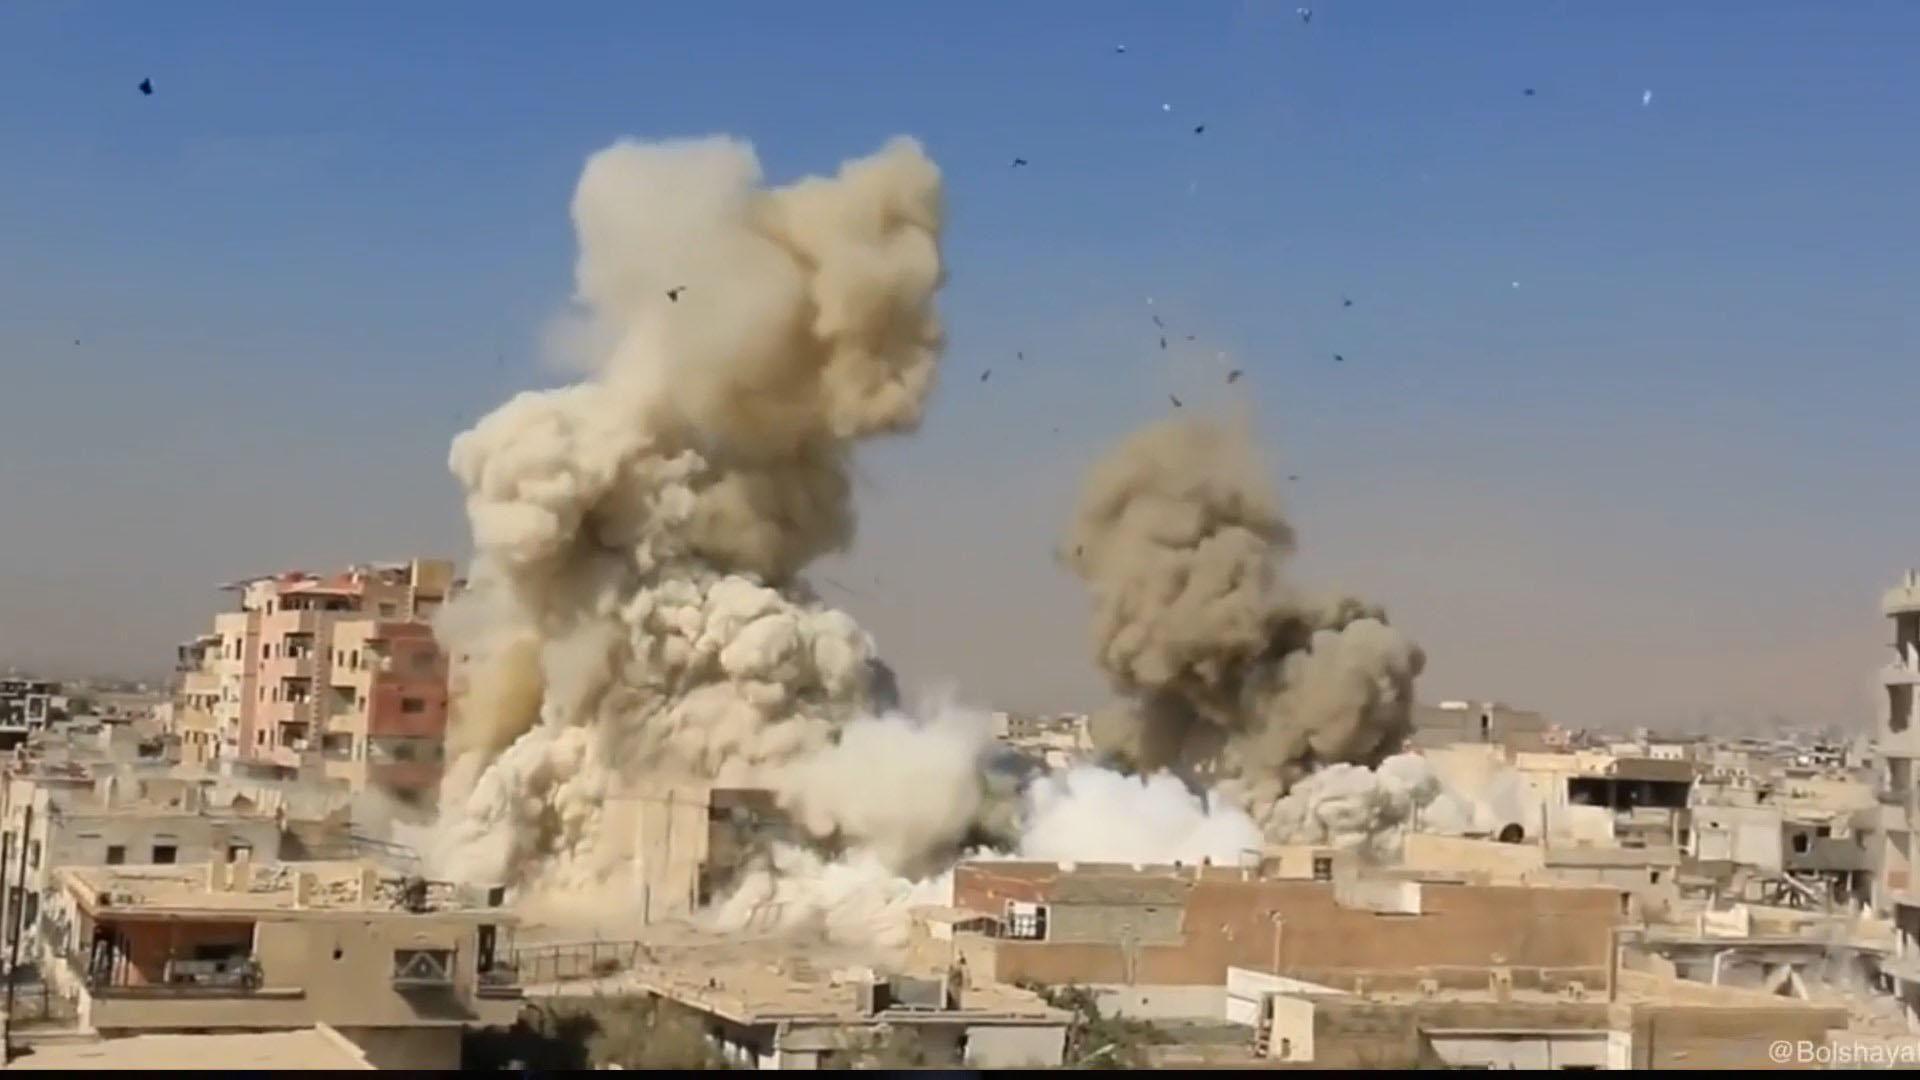 Скільки Росія витрачає грошей на війну в Сирії і що приховує Генштаб: приголомшливі факти - Новости России и Украины - 24 Канал